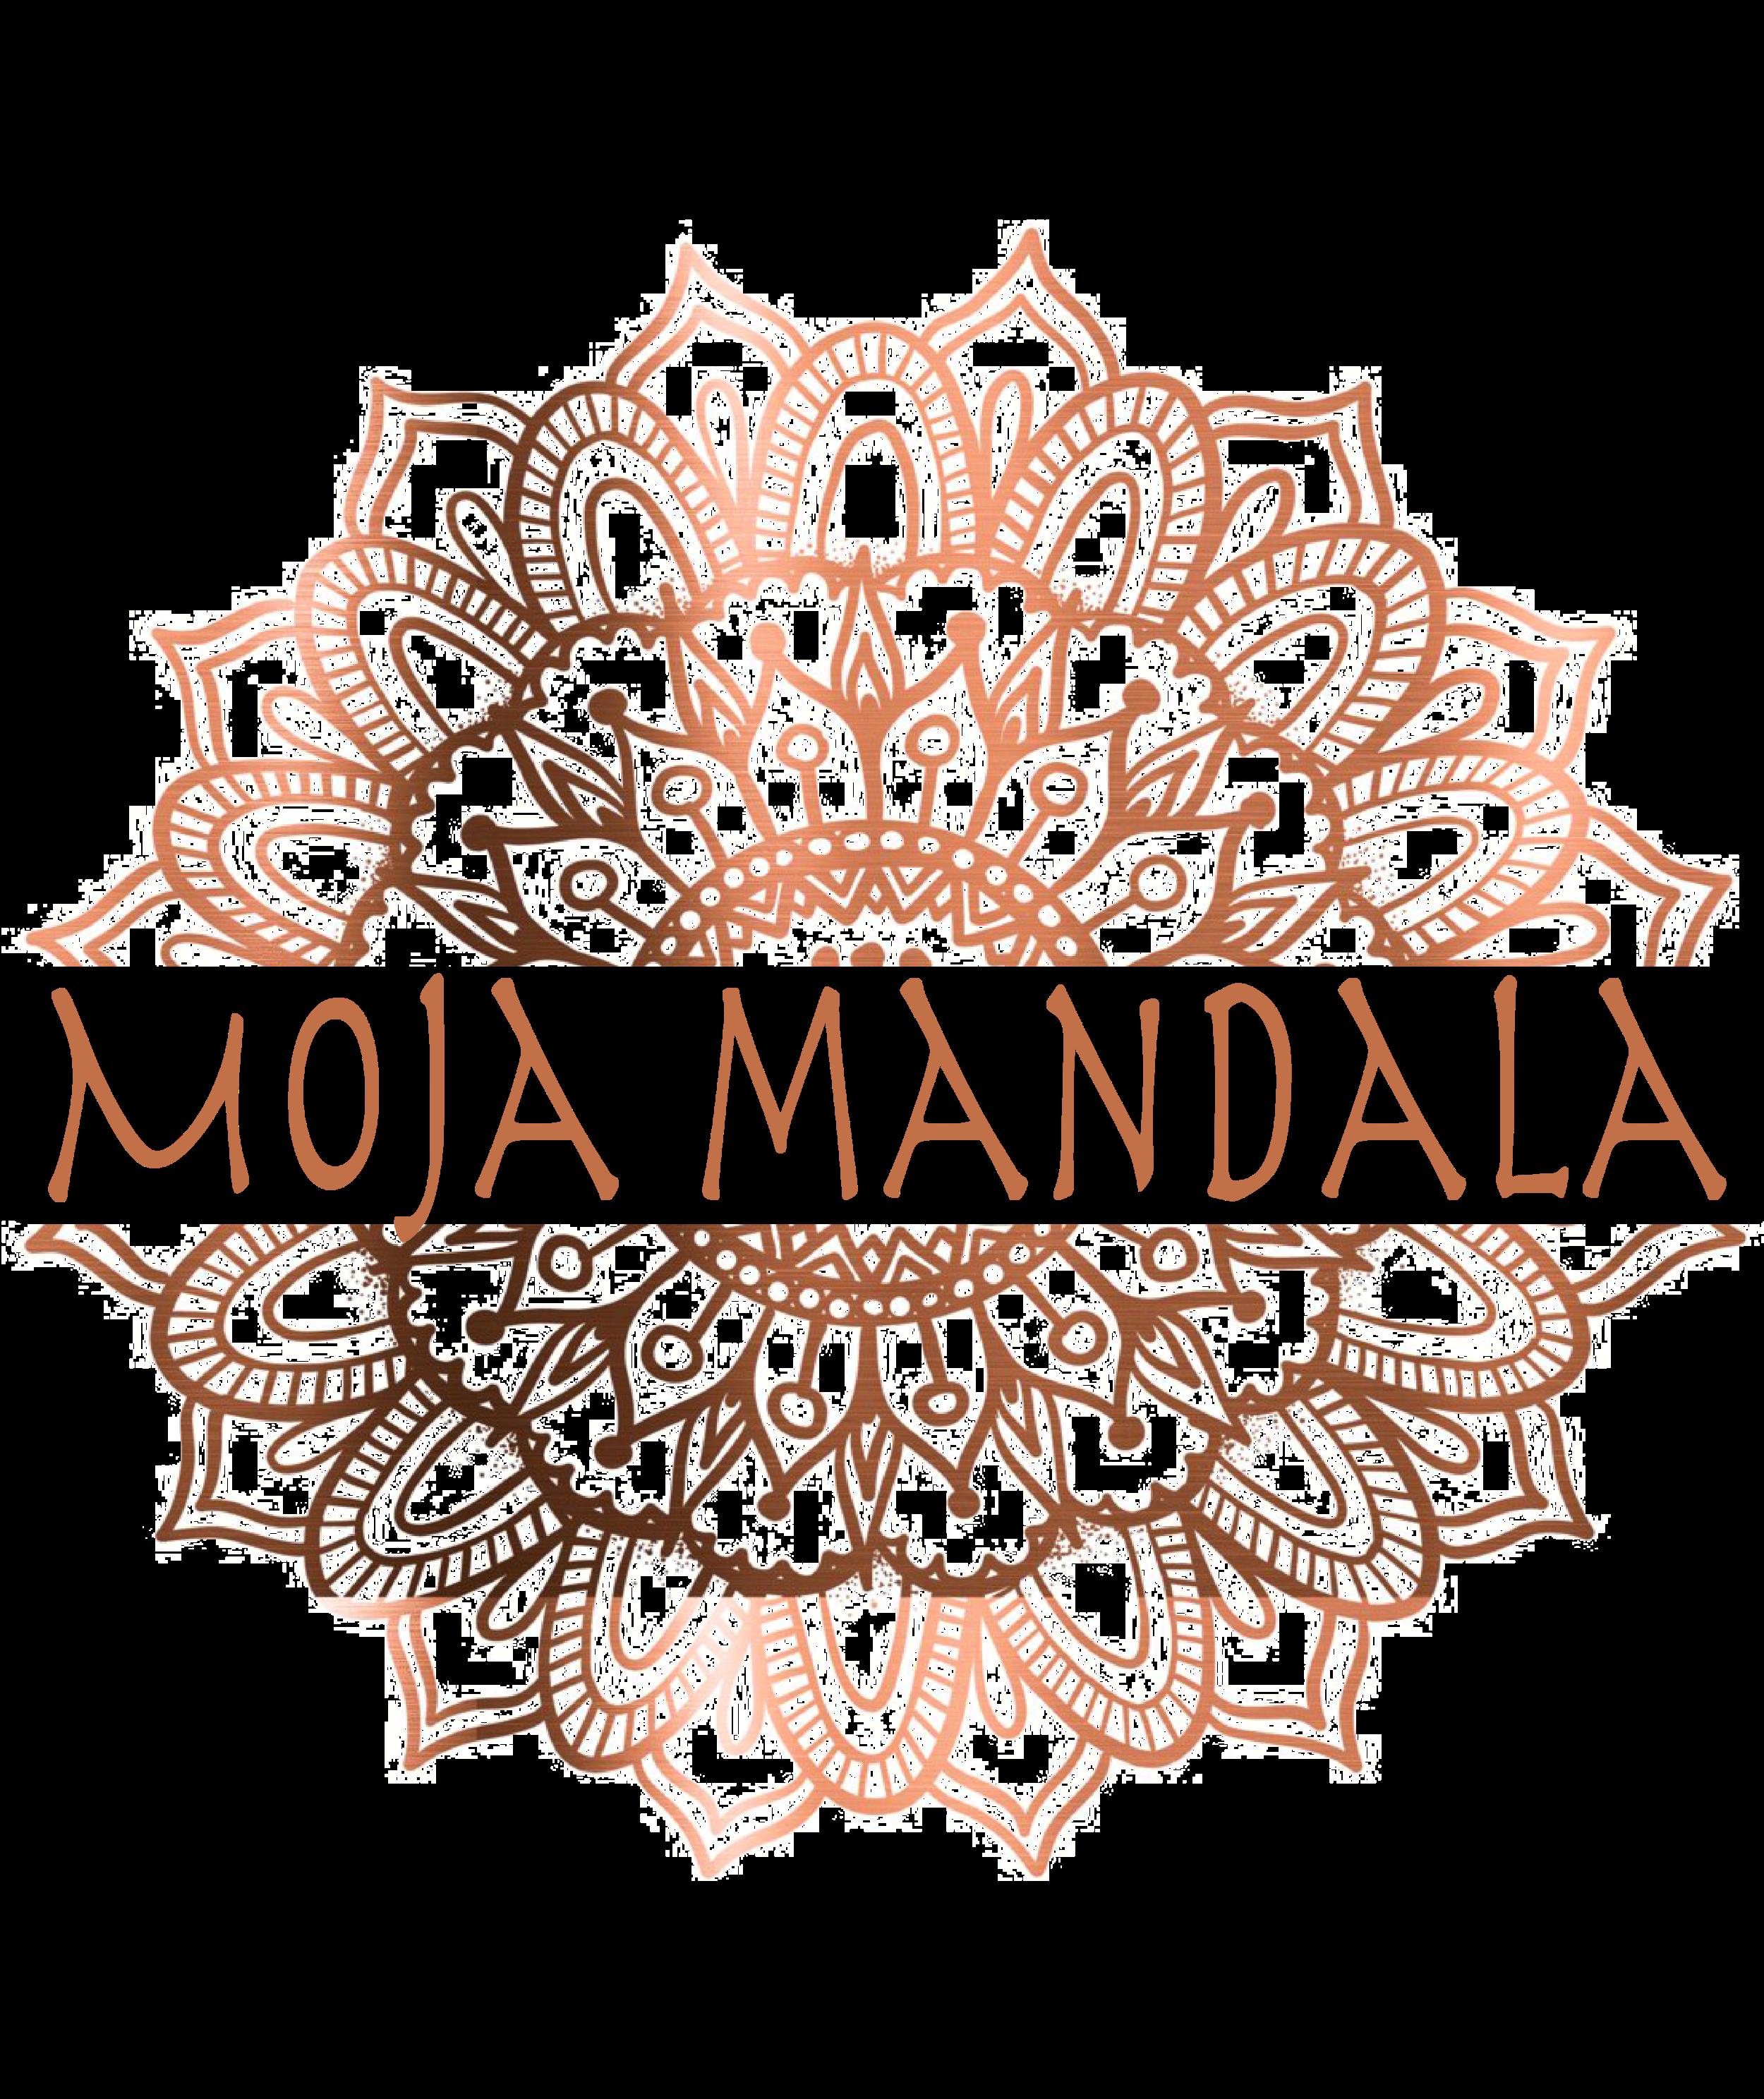 MOJA MANDALA